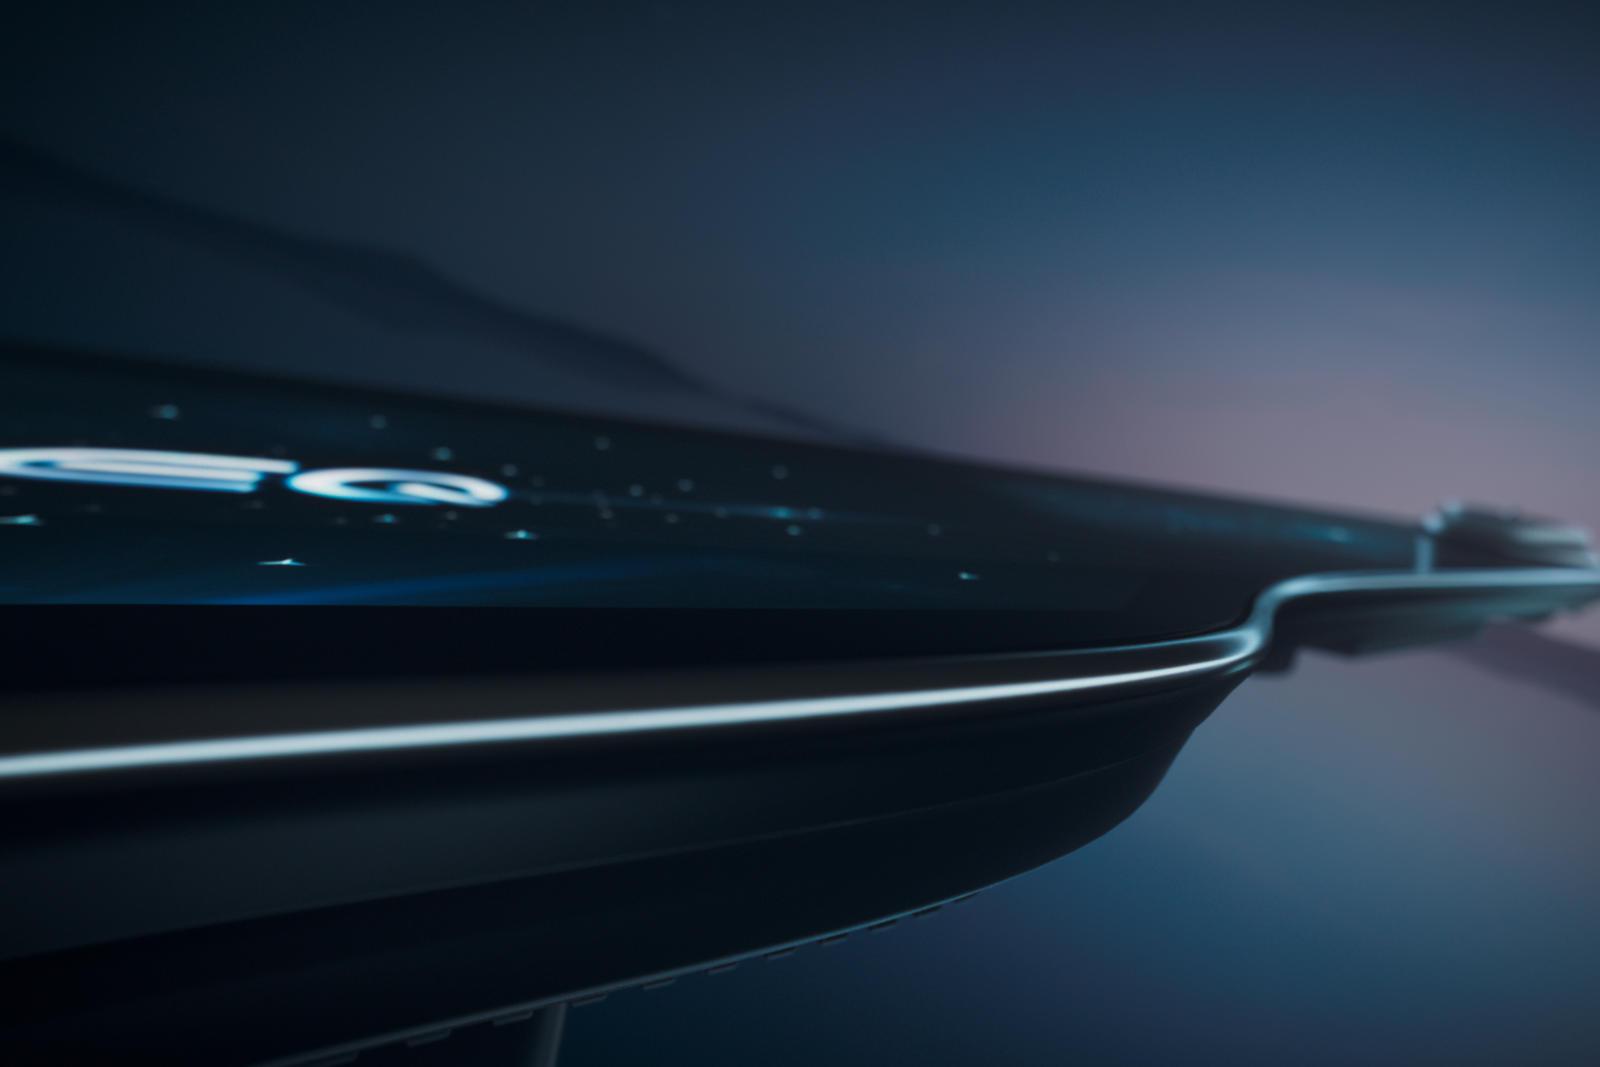 Mercedes-Benz vén màn hệ thống giải trí MBUX thế hệ mới, kích thước và công nghệ tích hợp là điểm nhấn -3